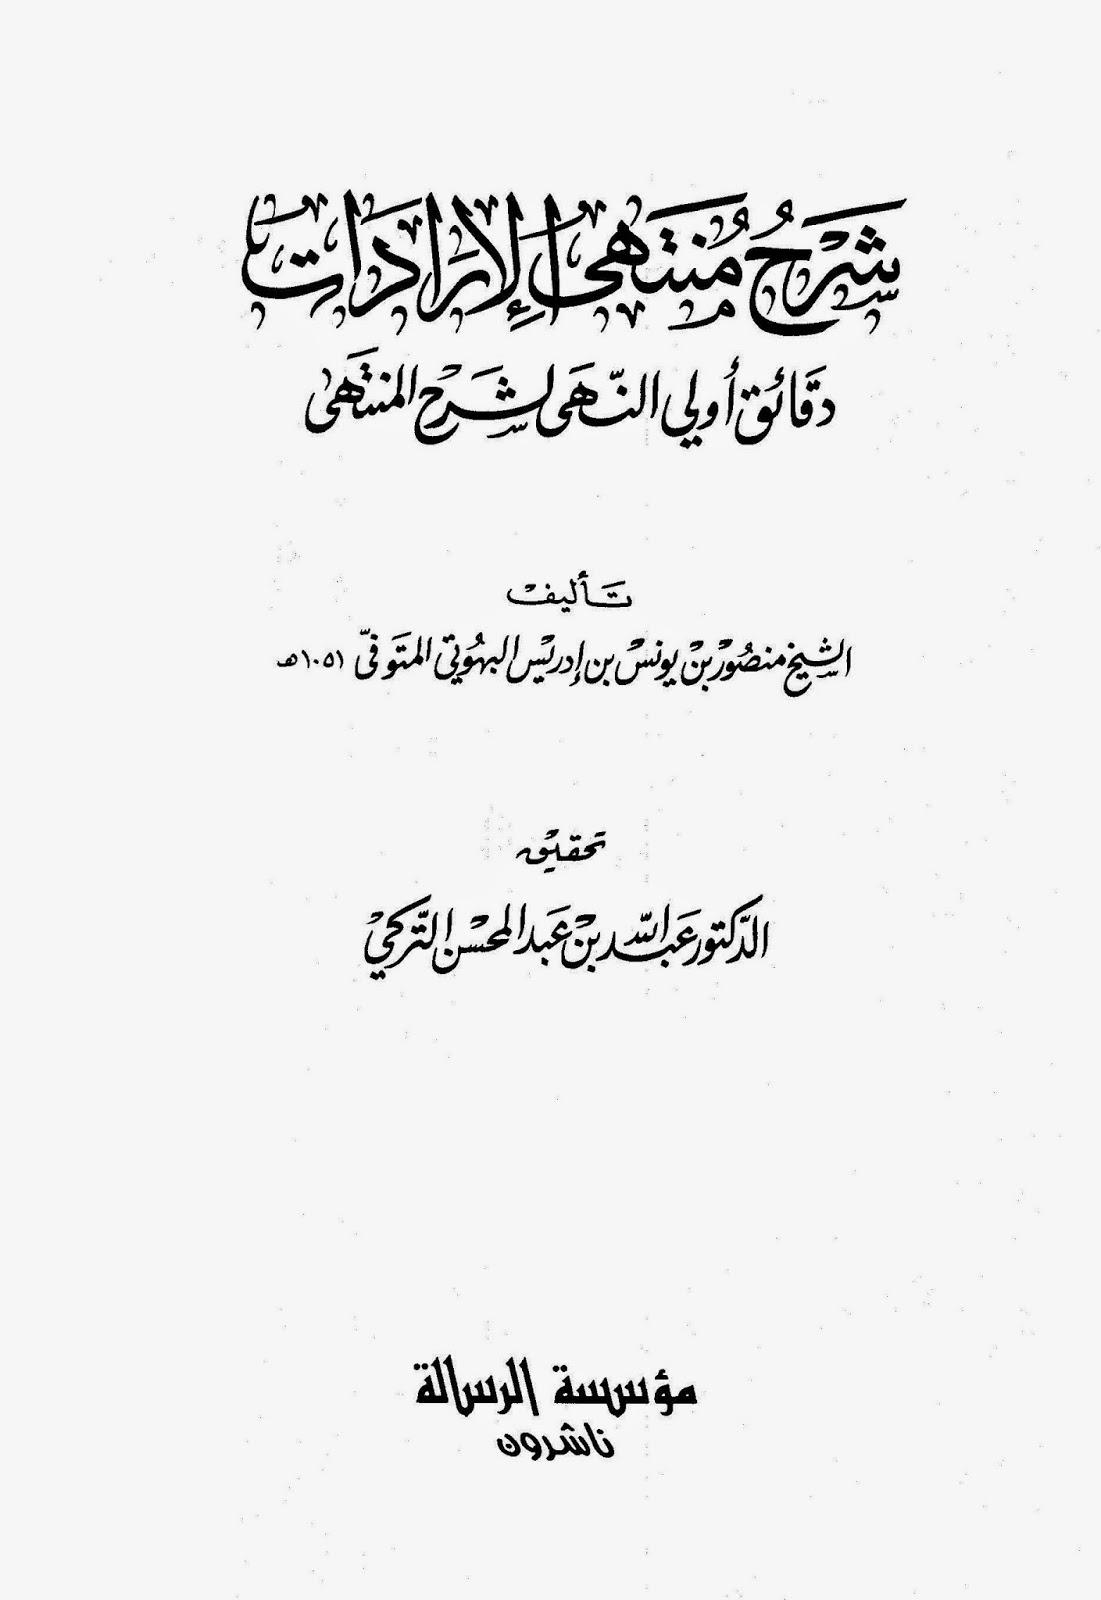 شرح منتهى الإرادات لـ الإمام البهوتي